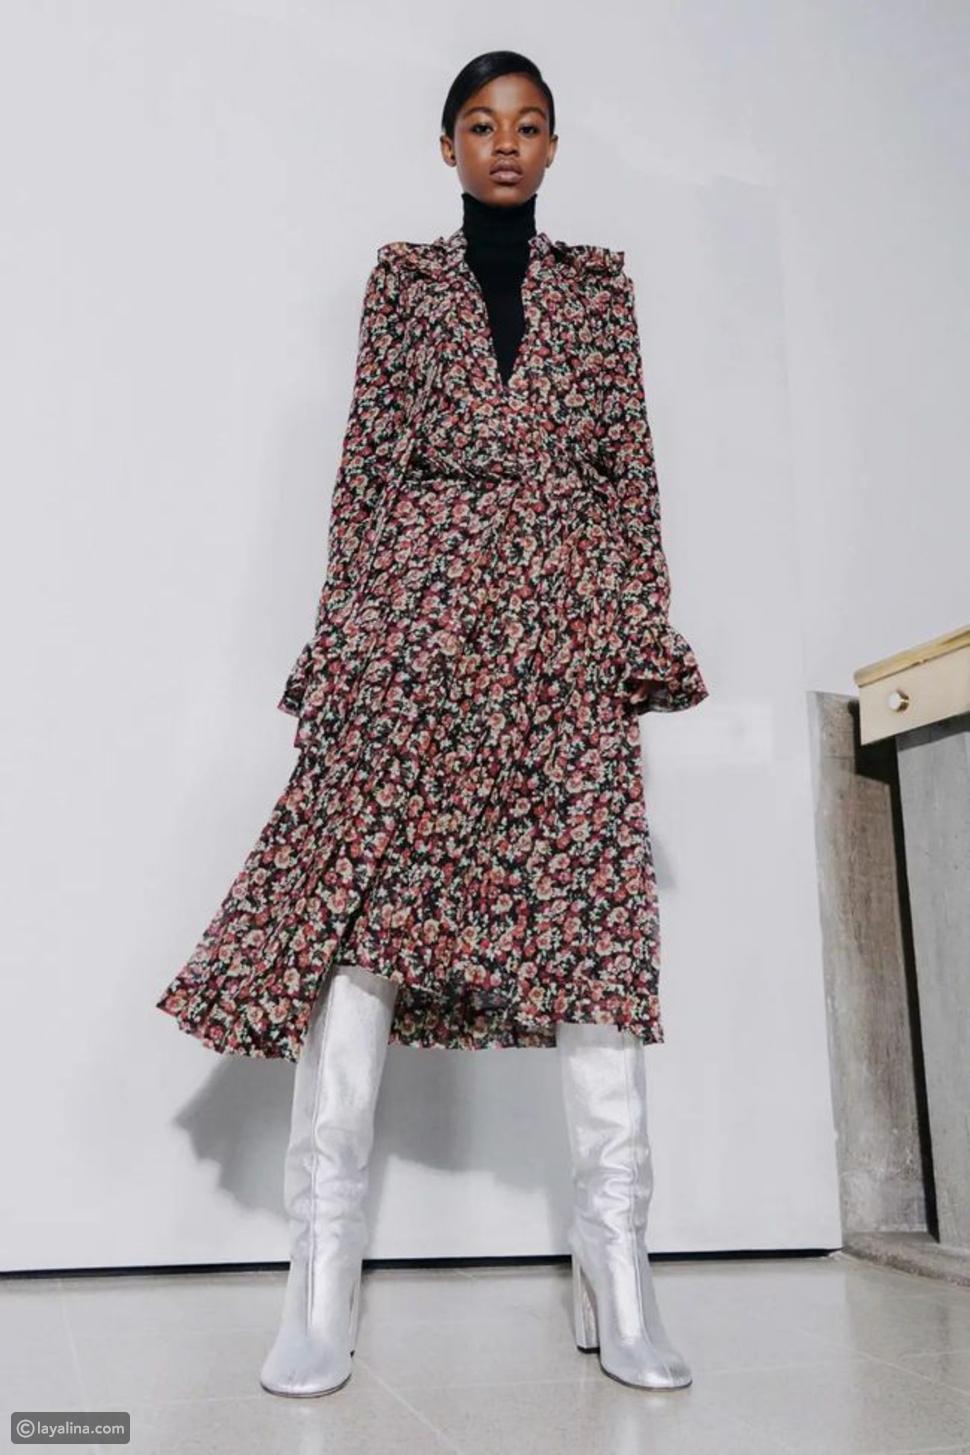 البوت مع فستان ميدي مزين بنقش الأزهار